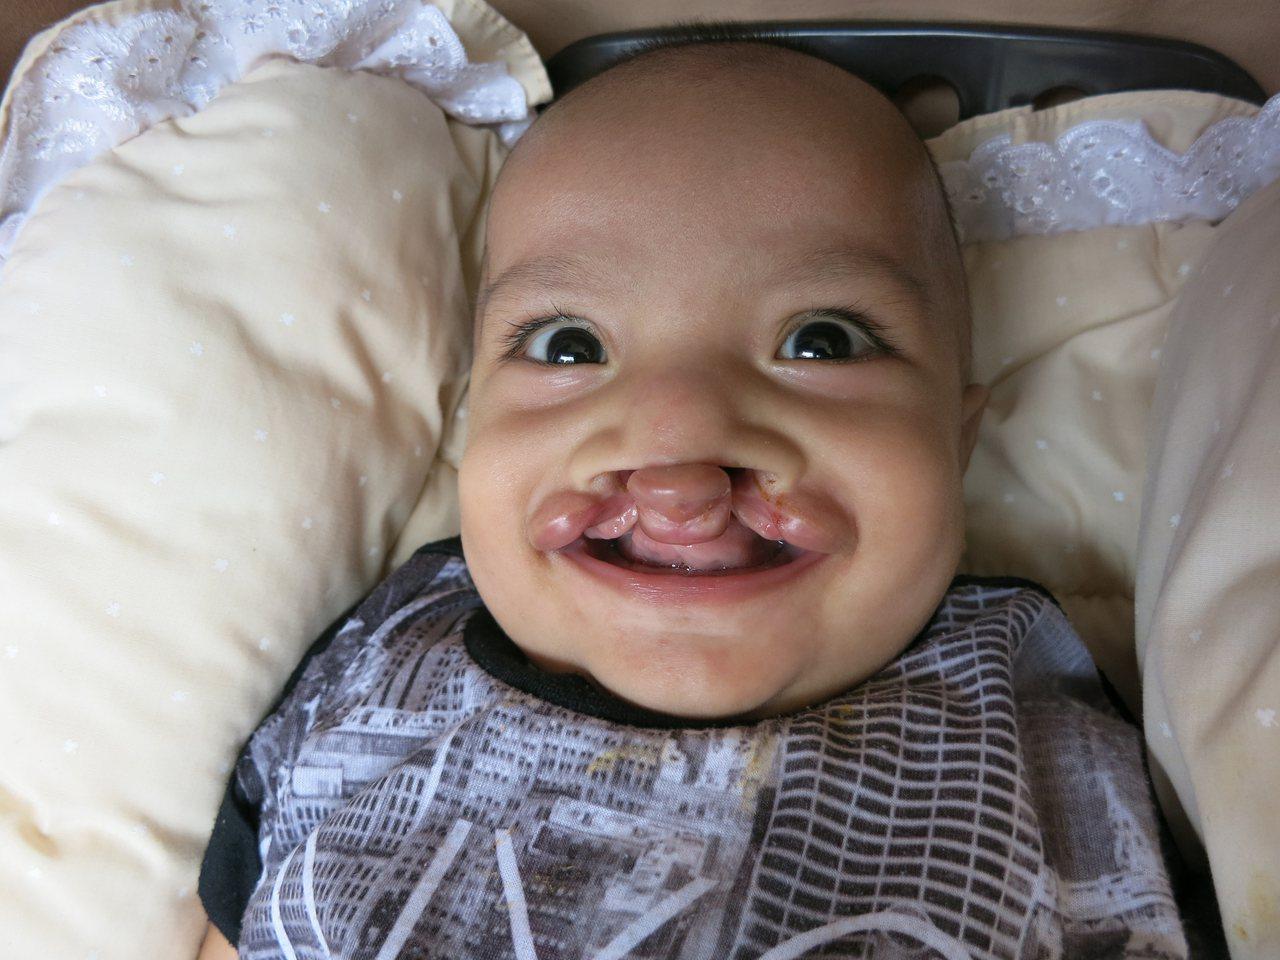 來自南太平洋邦交國吉里巴斯共和國的男童蘭里(圖)出生就有嚴重唇顎裂問題,透過當地...